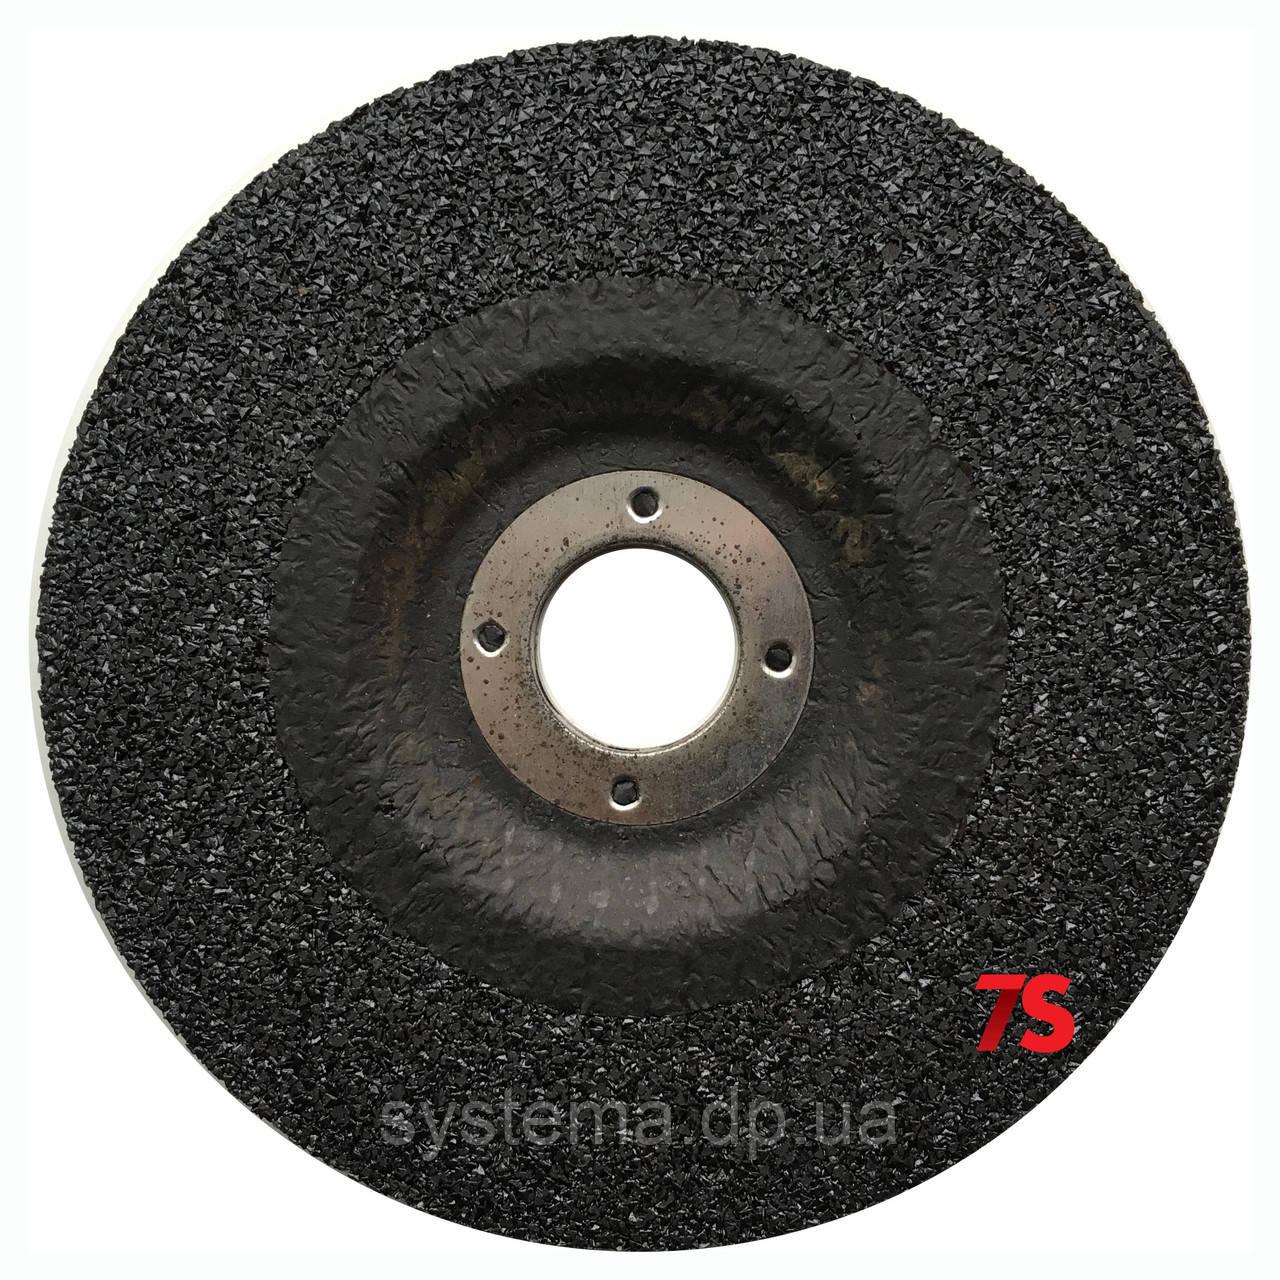 3M 51797 - Відрізний круг по металу Silver T41, 180х22,23х2,0 мм